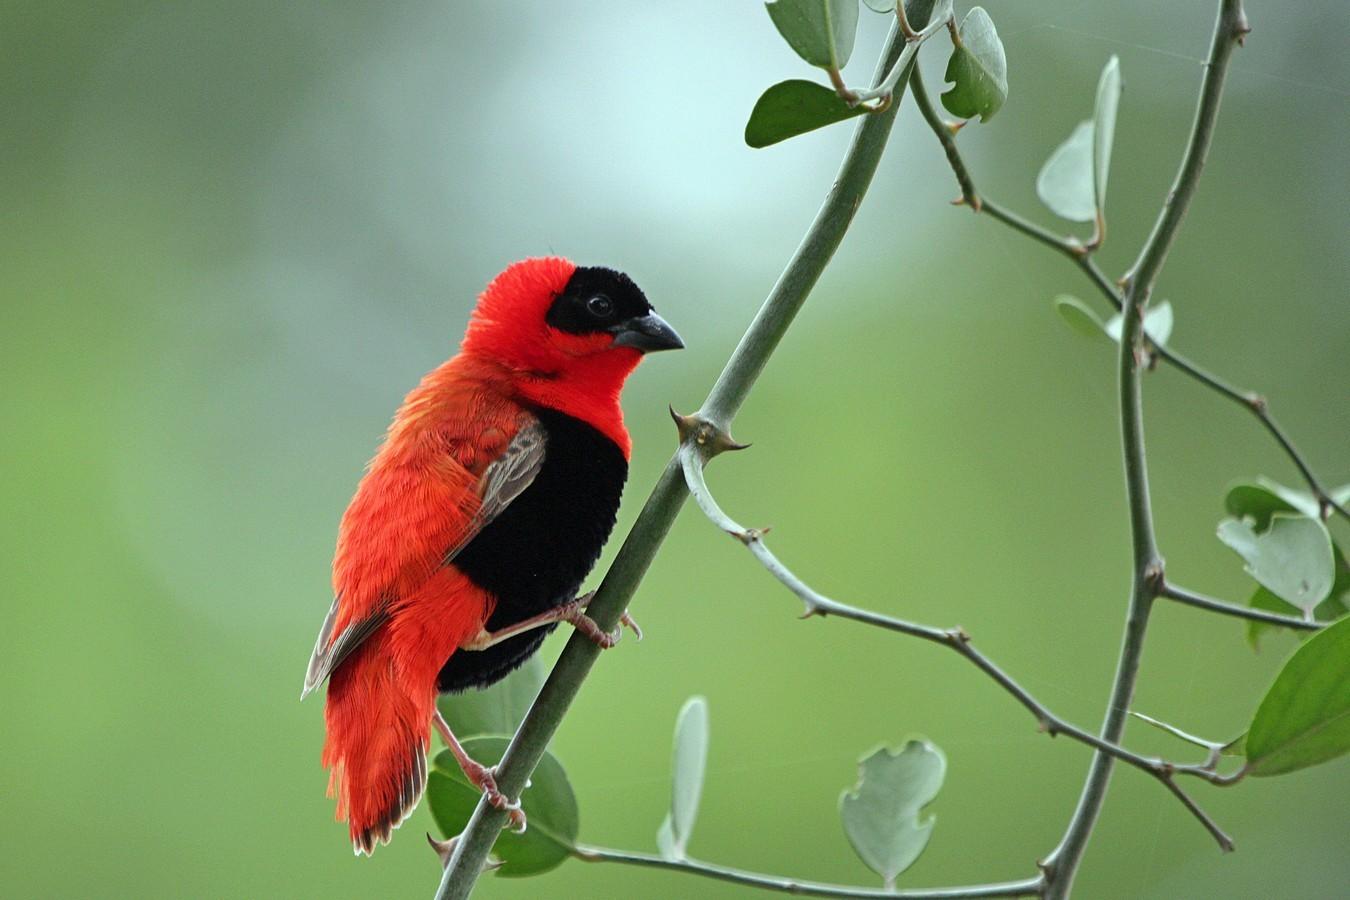 внешность ткачики птицы фото эти конструкции предназначены